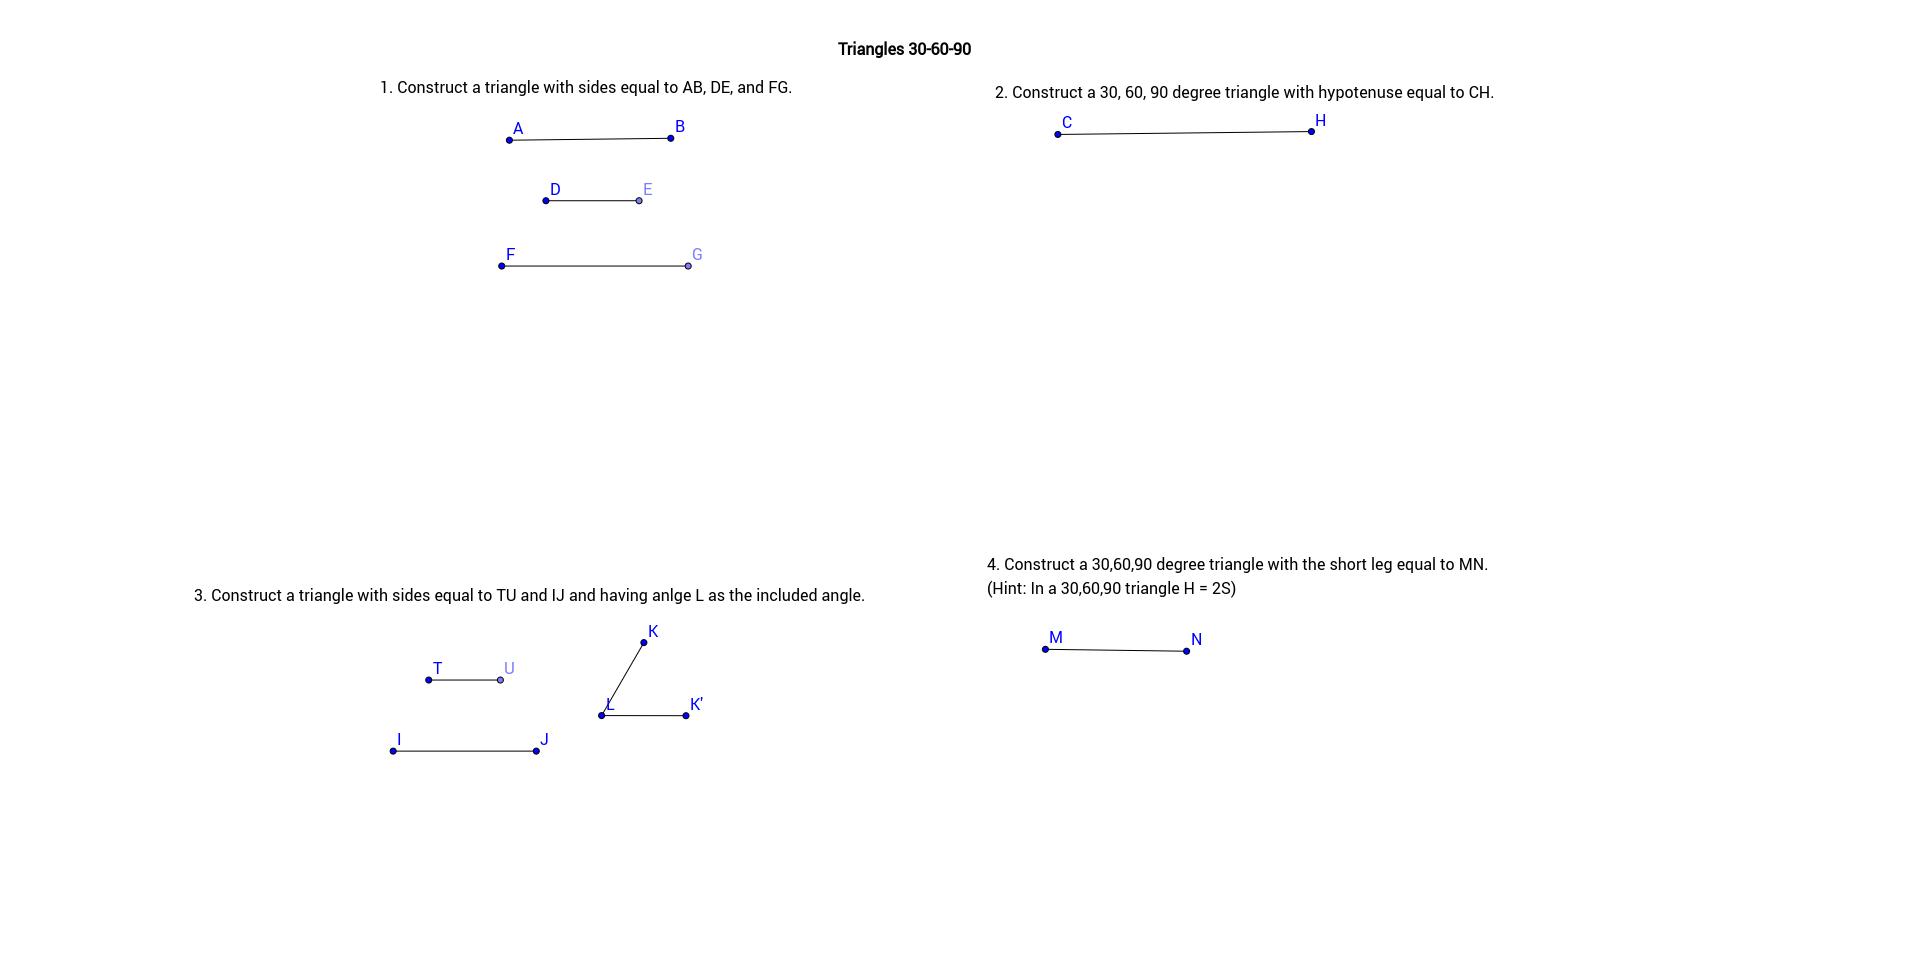 Triangle 30-60-90 (custom worksheet)